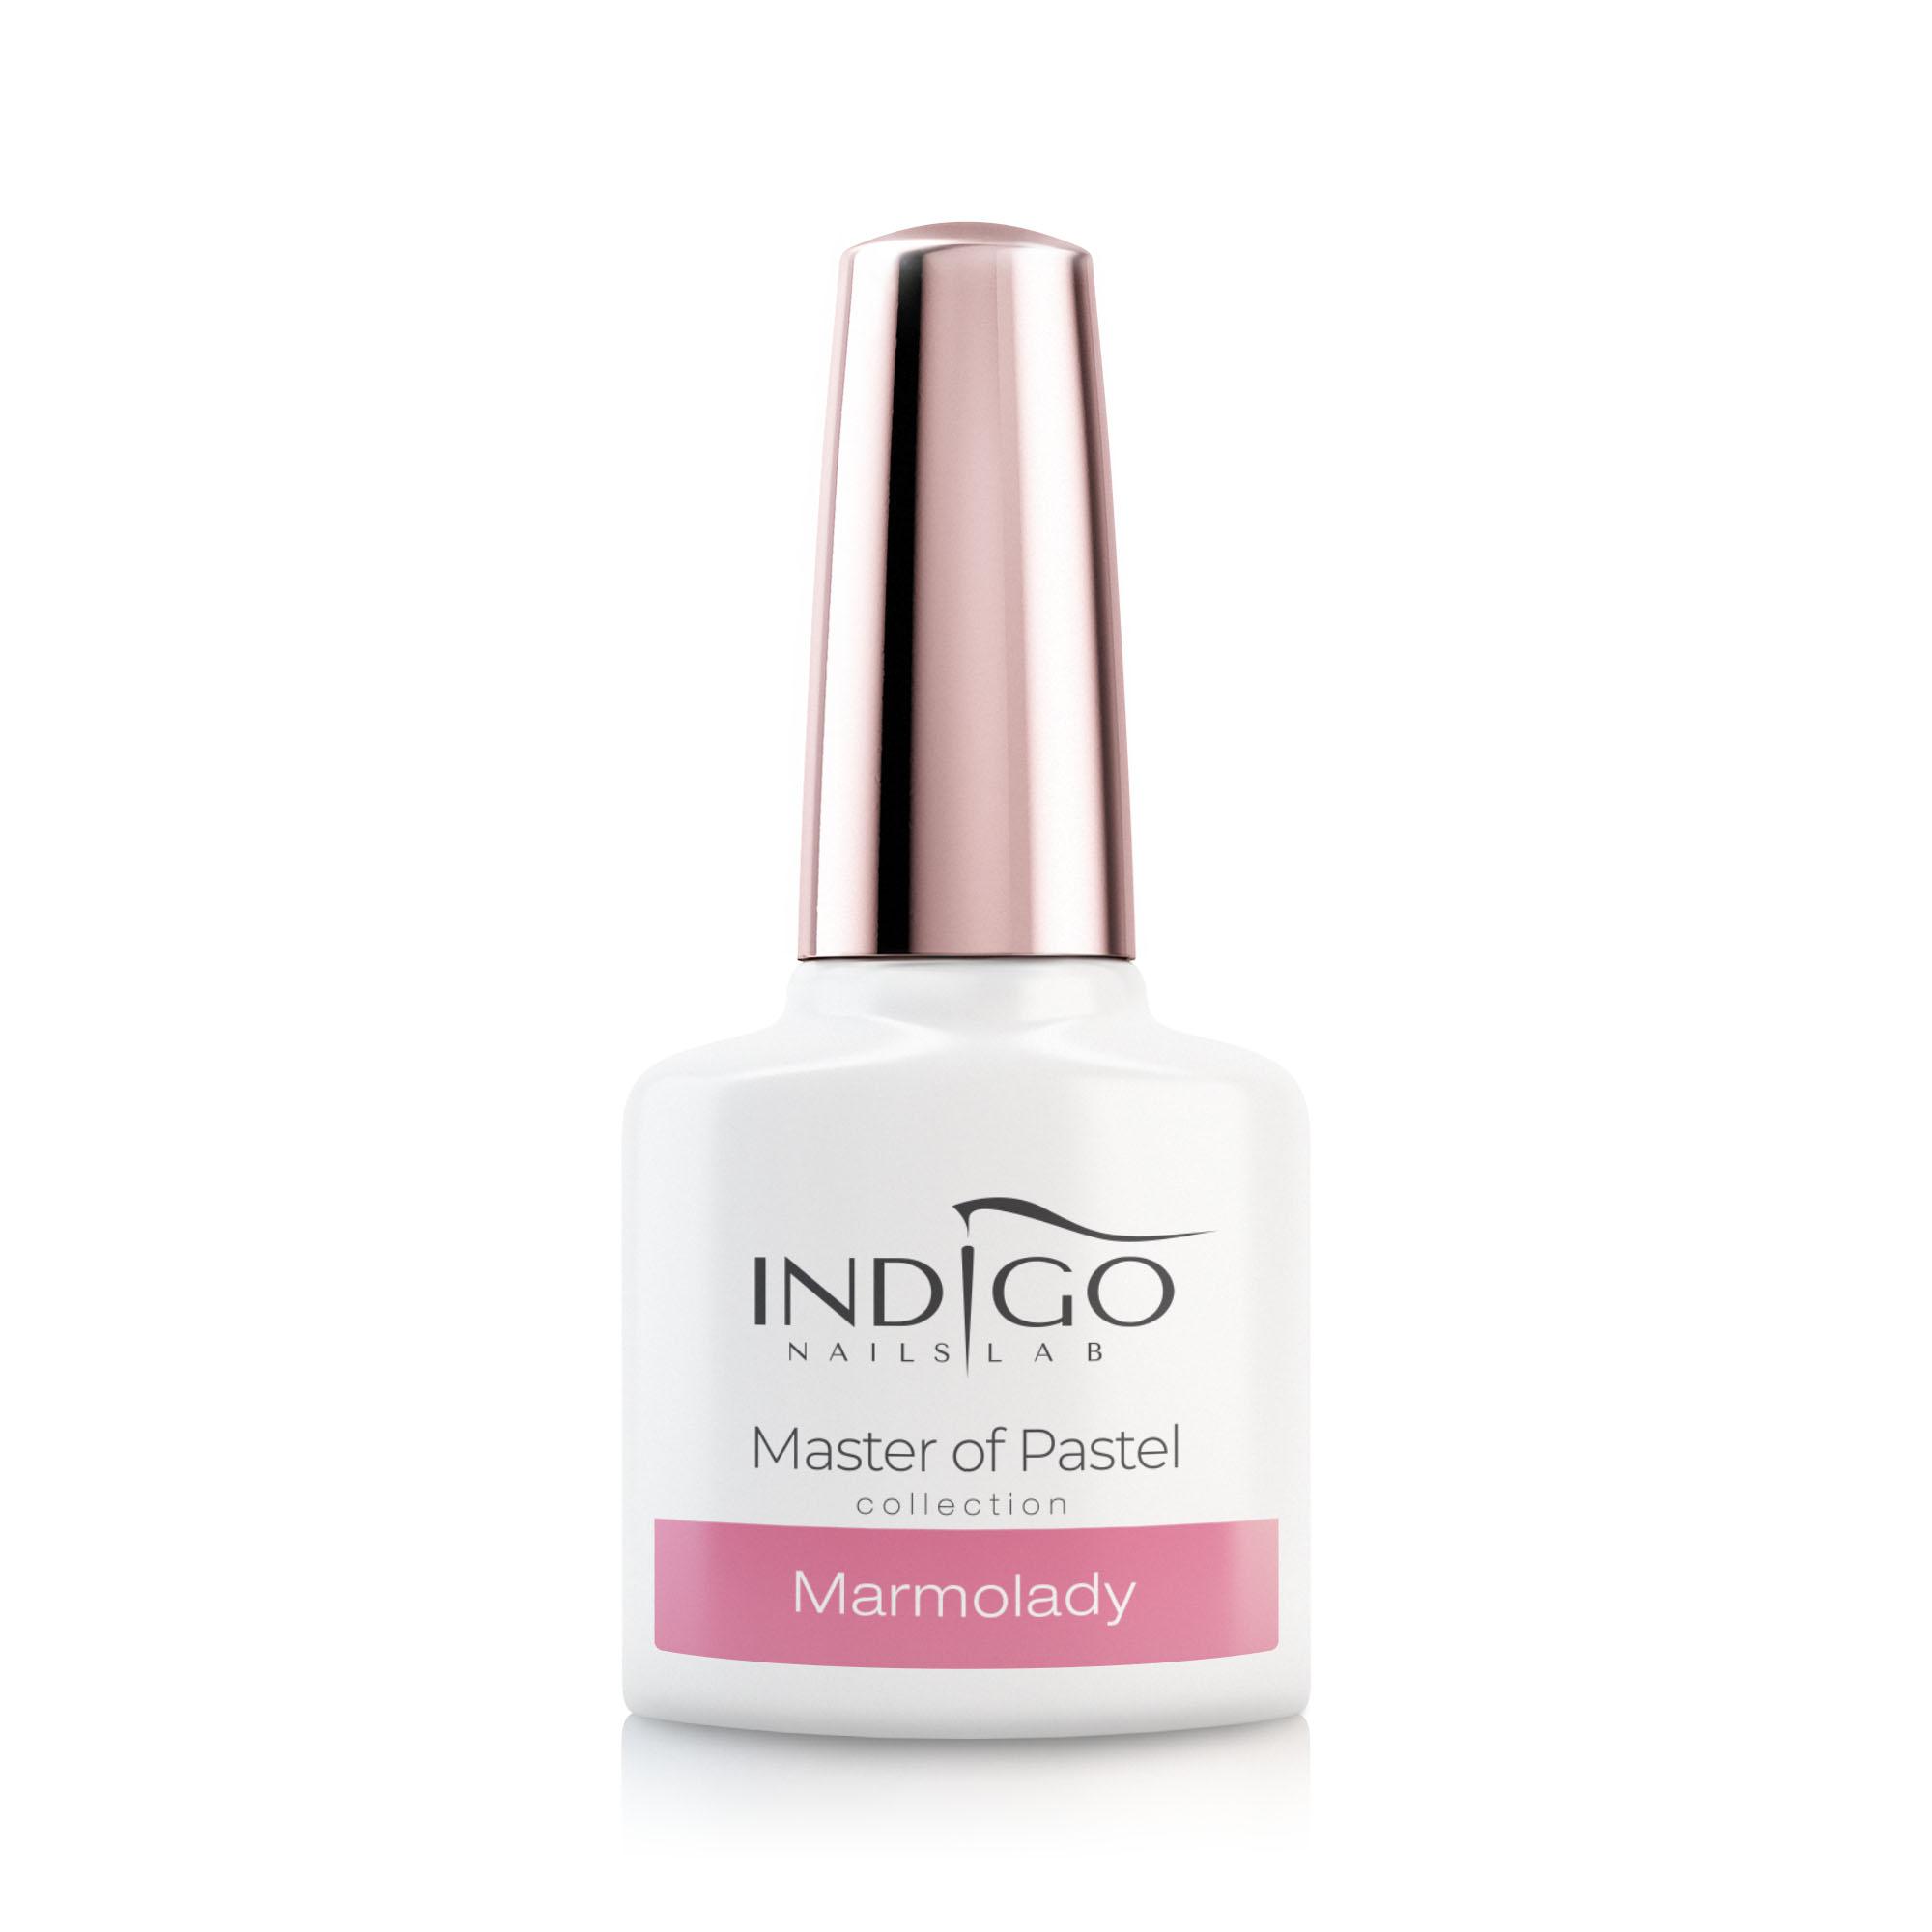 marmolady gel polish indigo